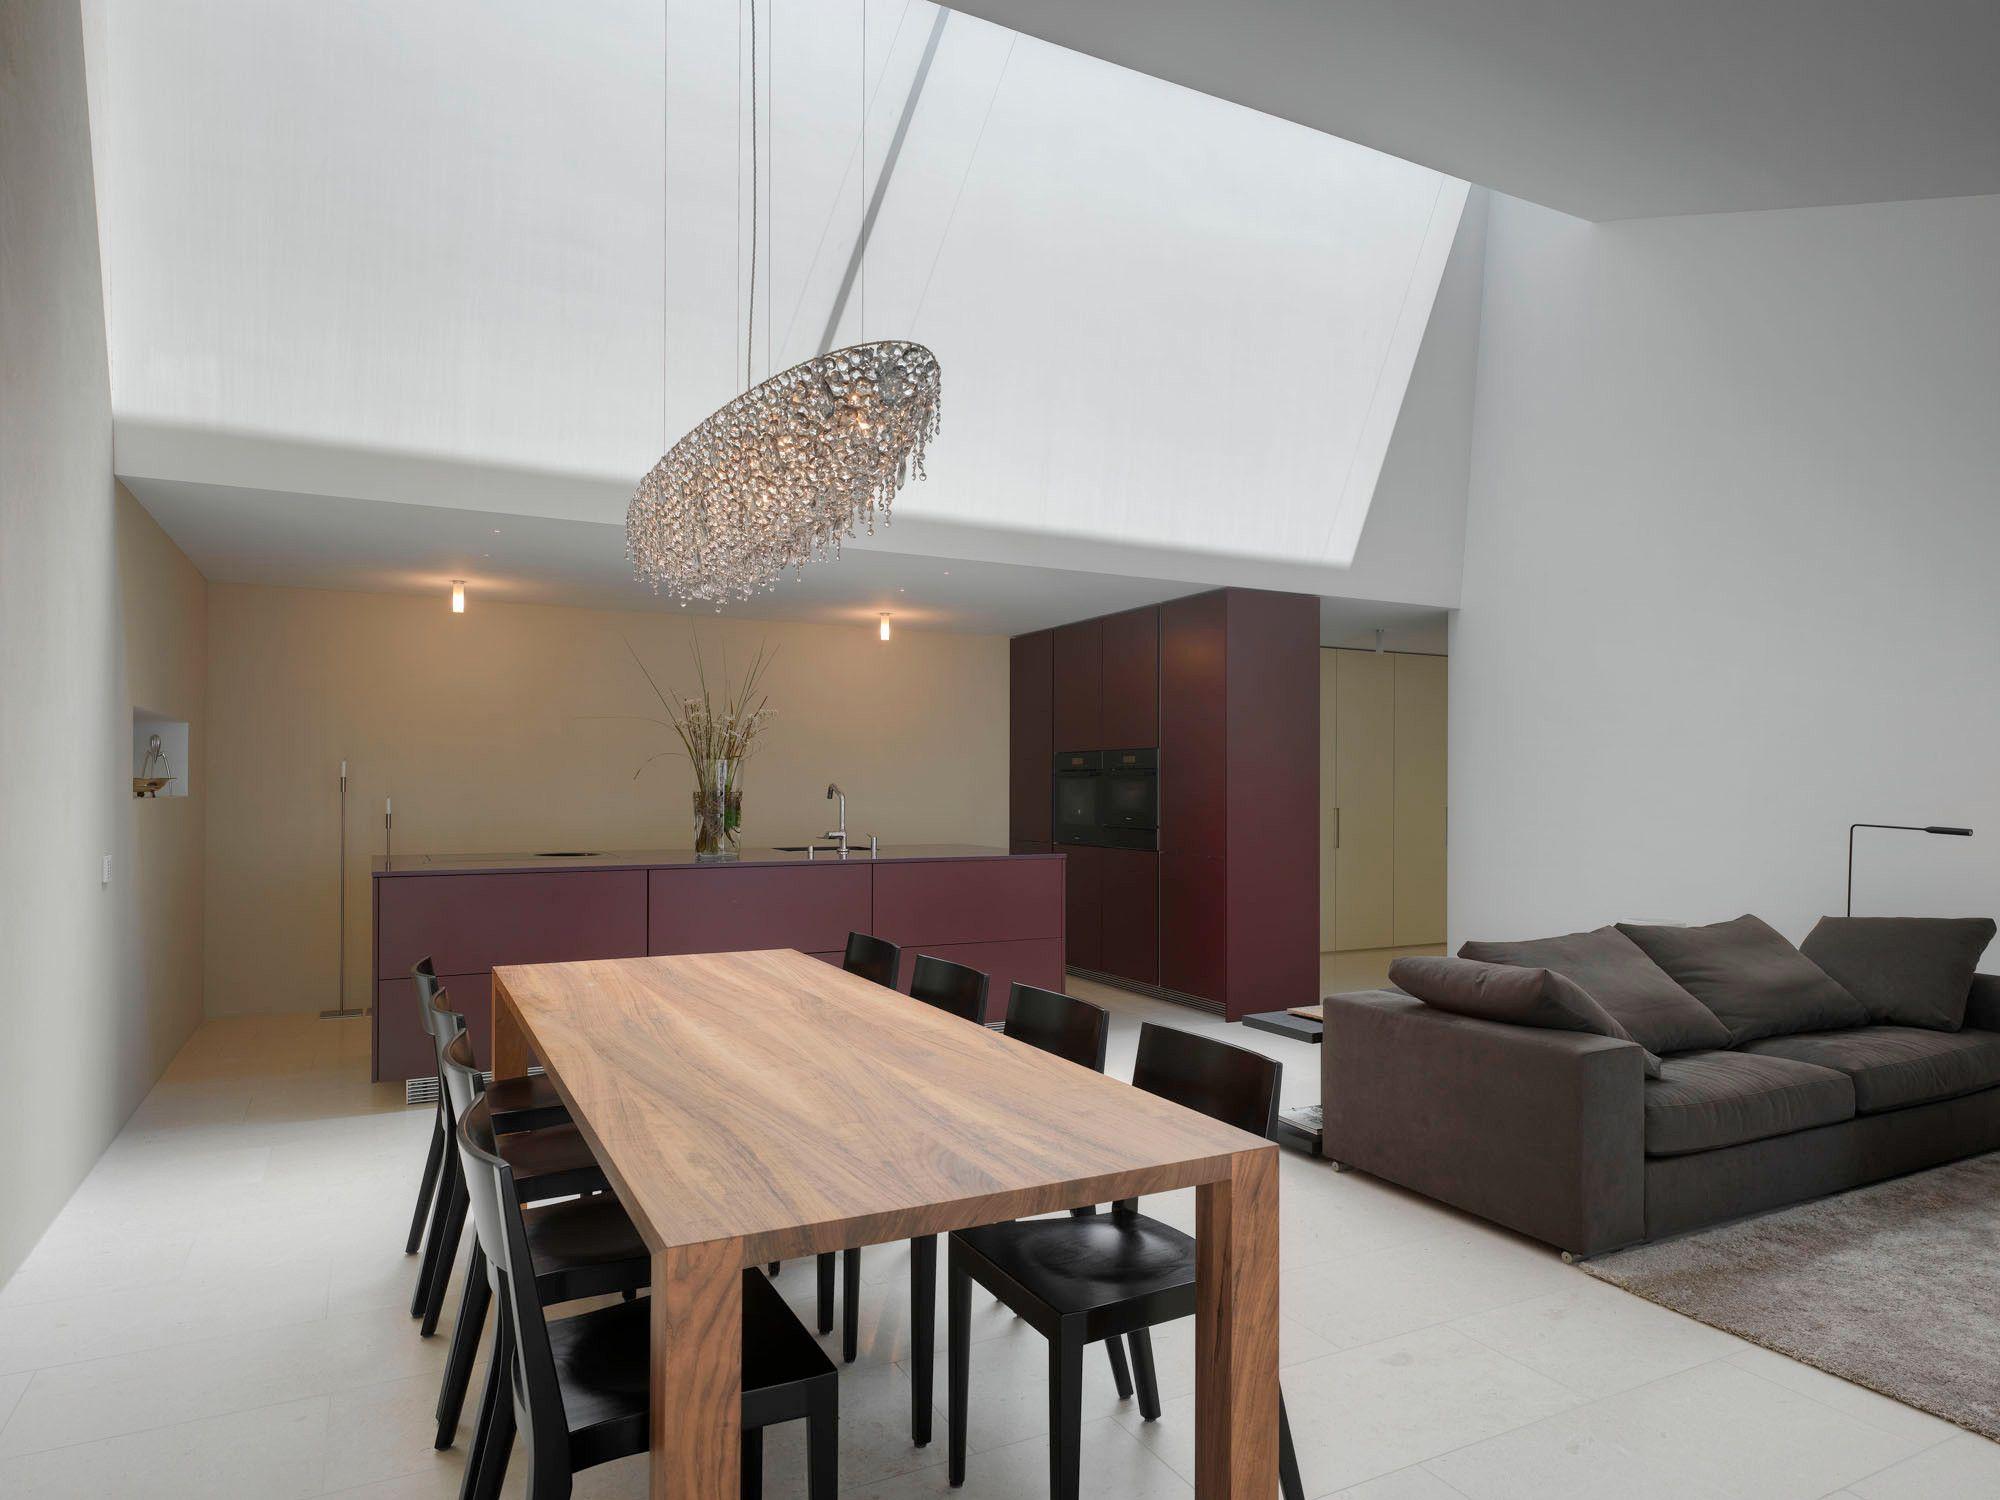 Edles Wohnzimmer mit offener Designerküche- dachschräge- hoher raum ...